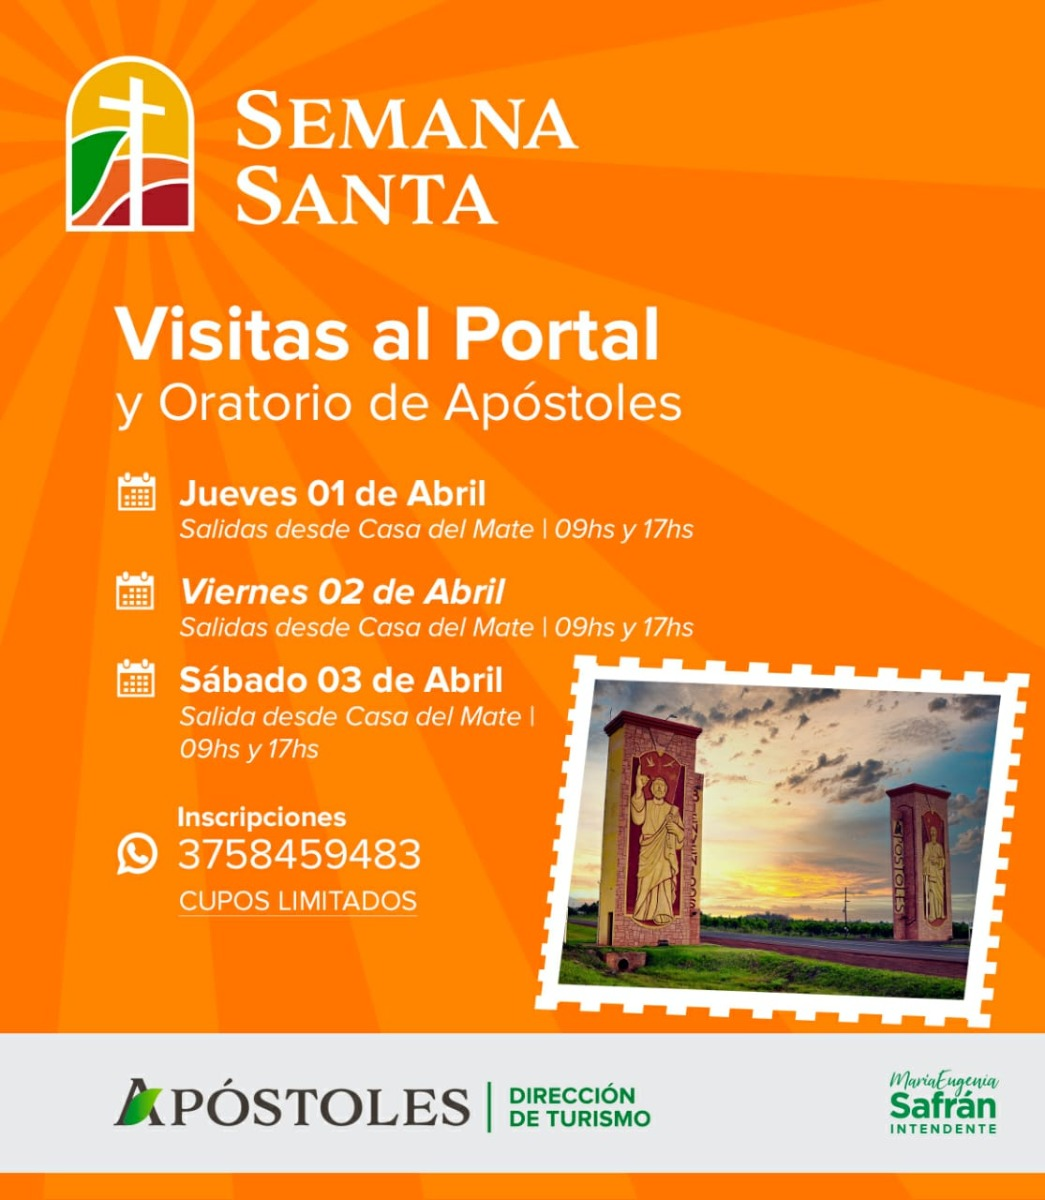 Semana Santa en Apóstoles: conocé todas las propuestas que ofrece la capital de la yerba mate para este fin de semana largo